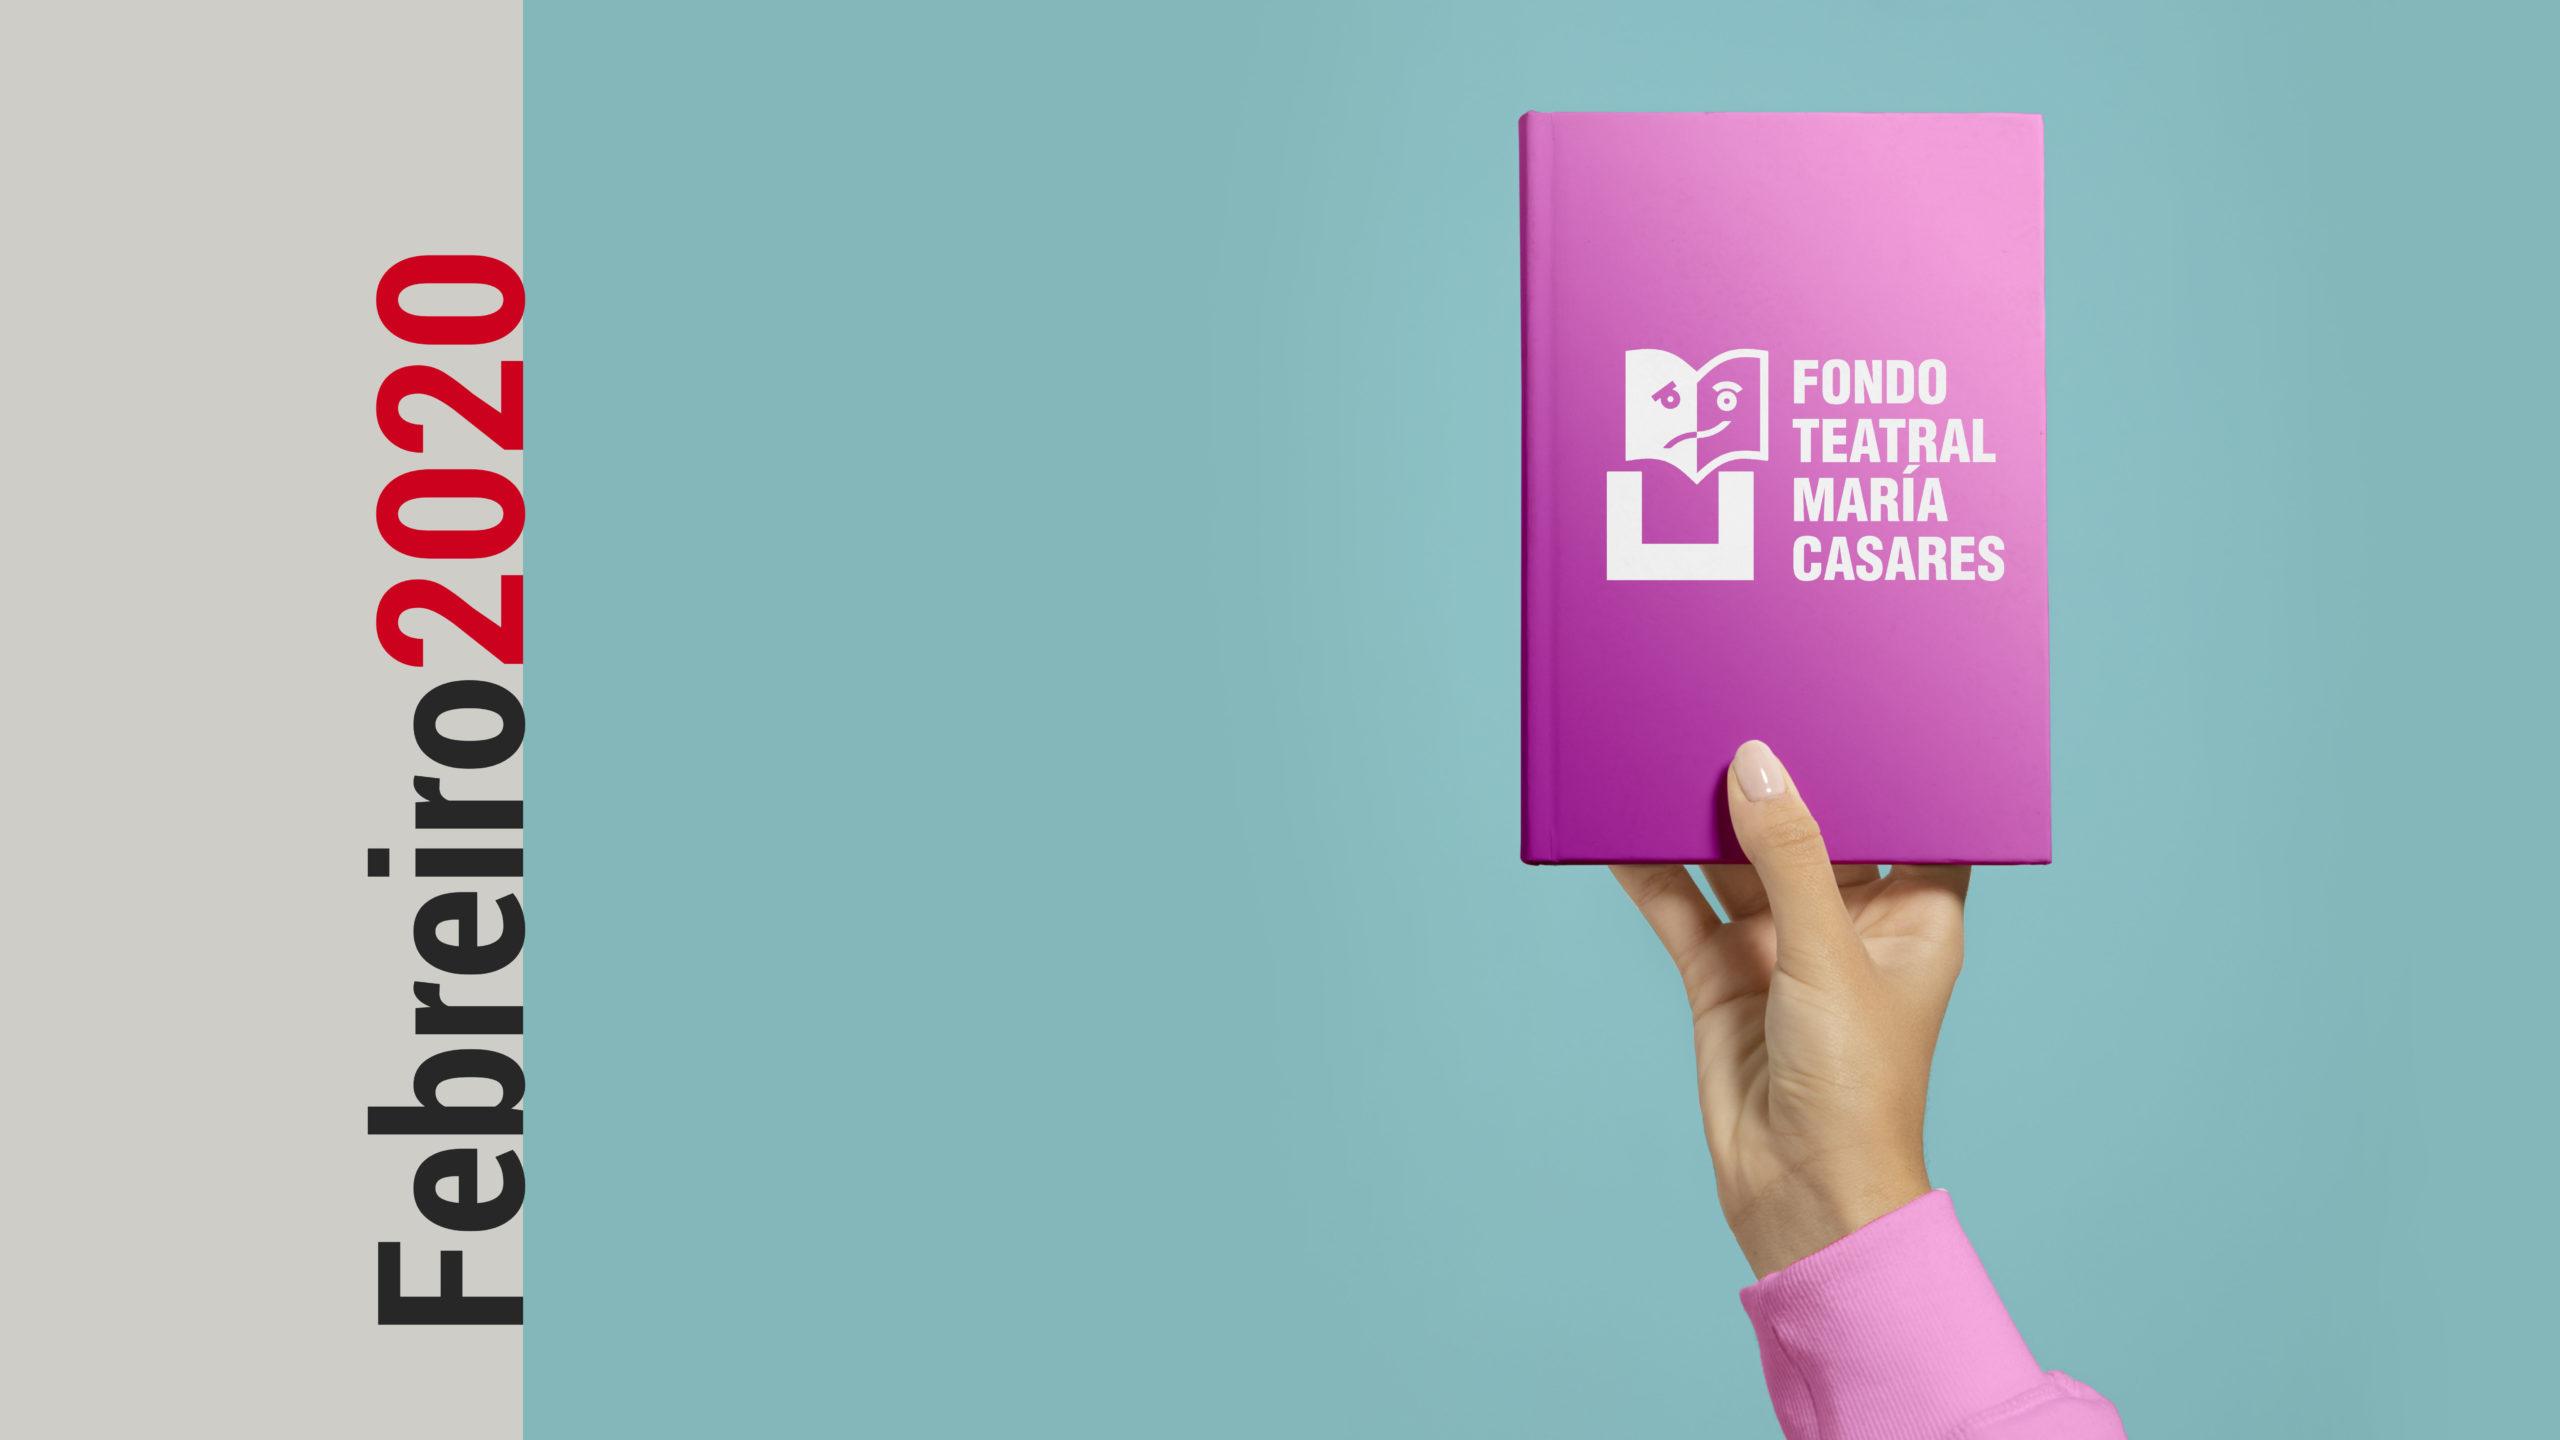 FTMC Boletín de febreiro 2020